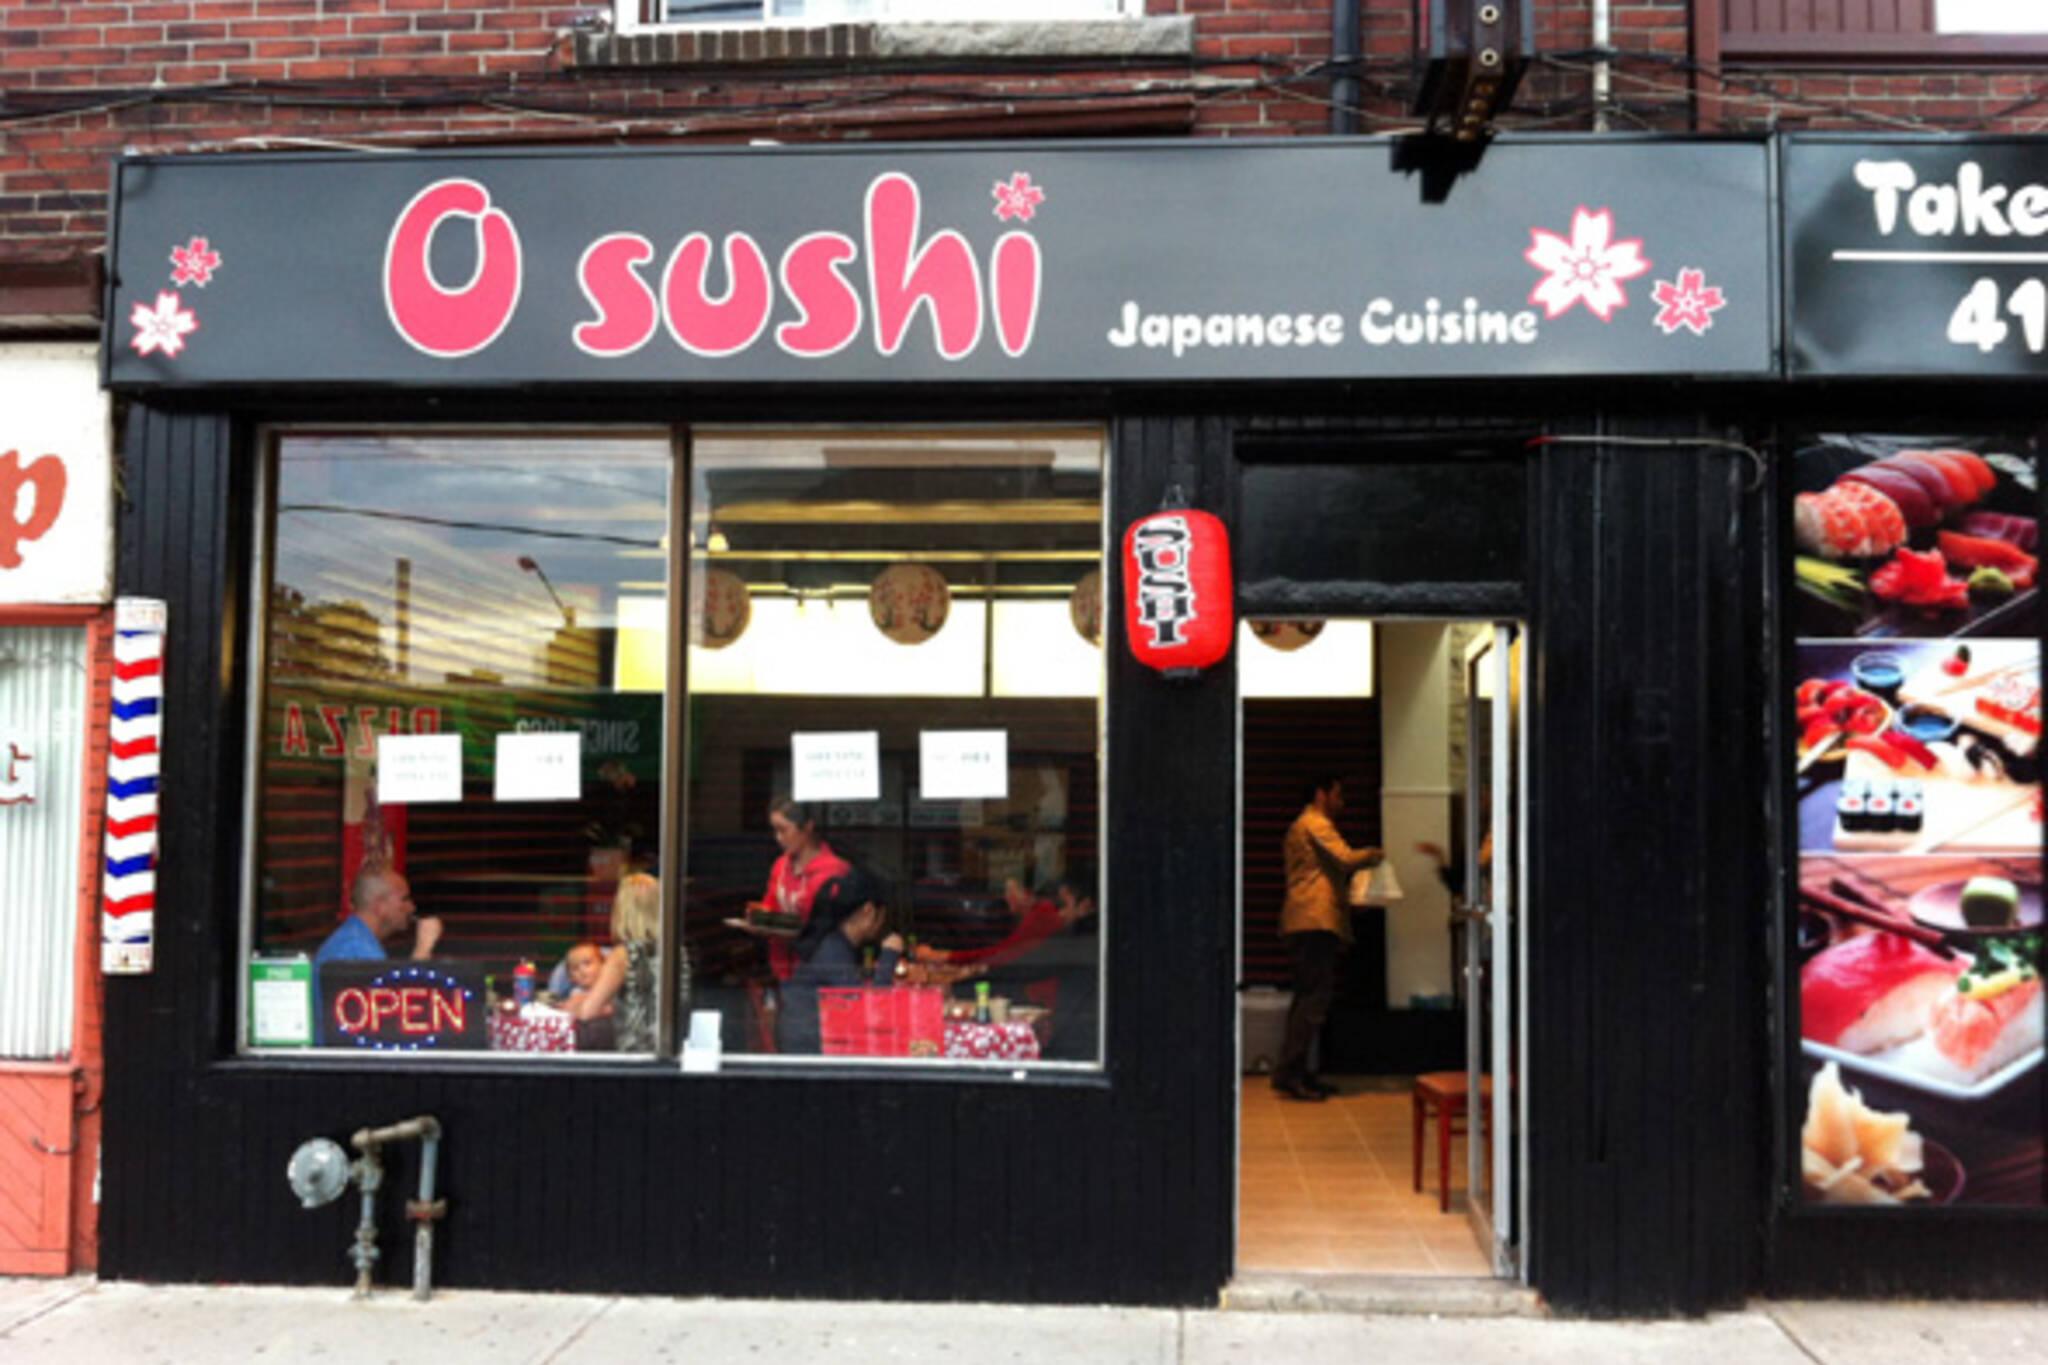 O Sushi